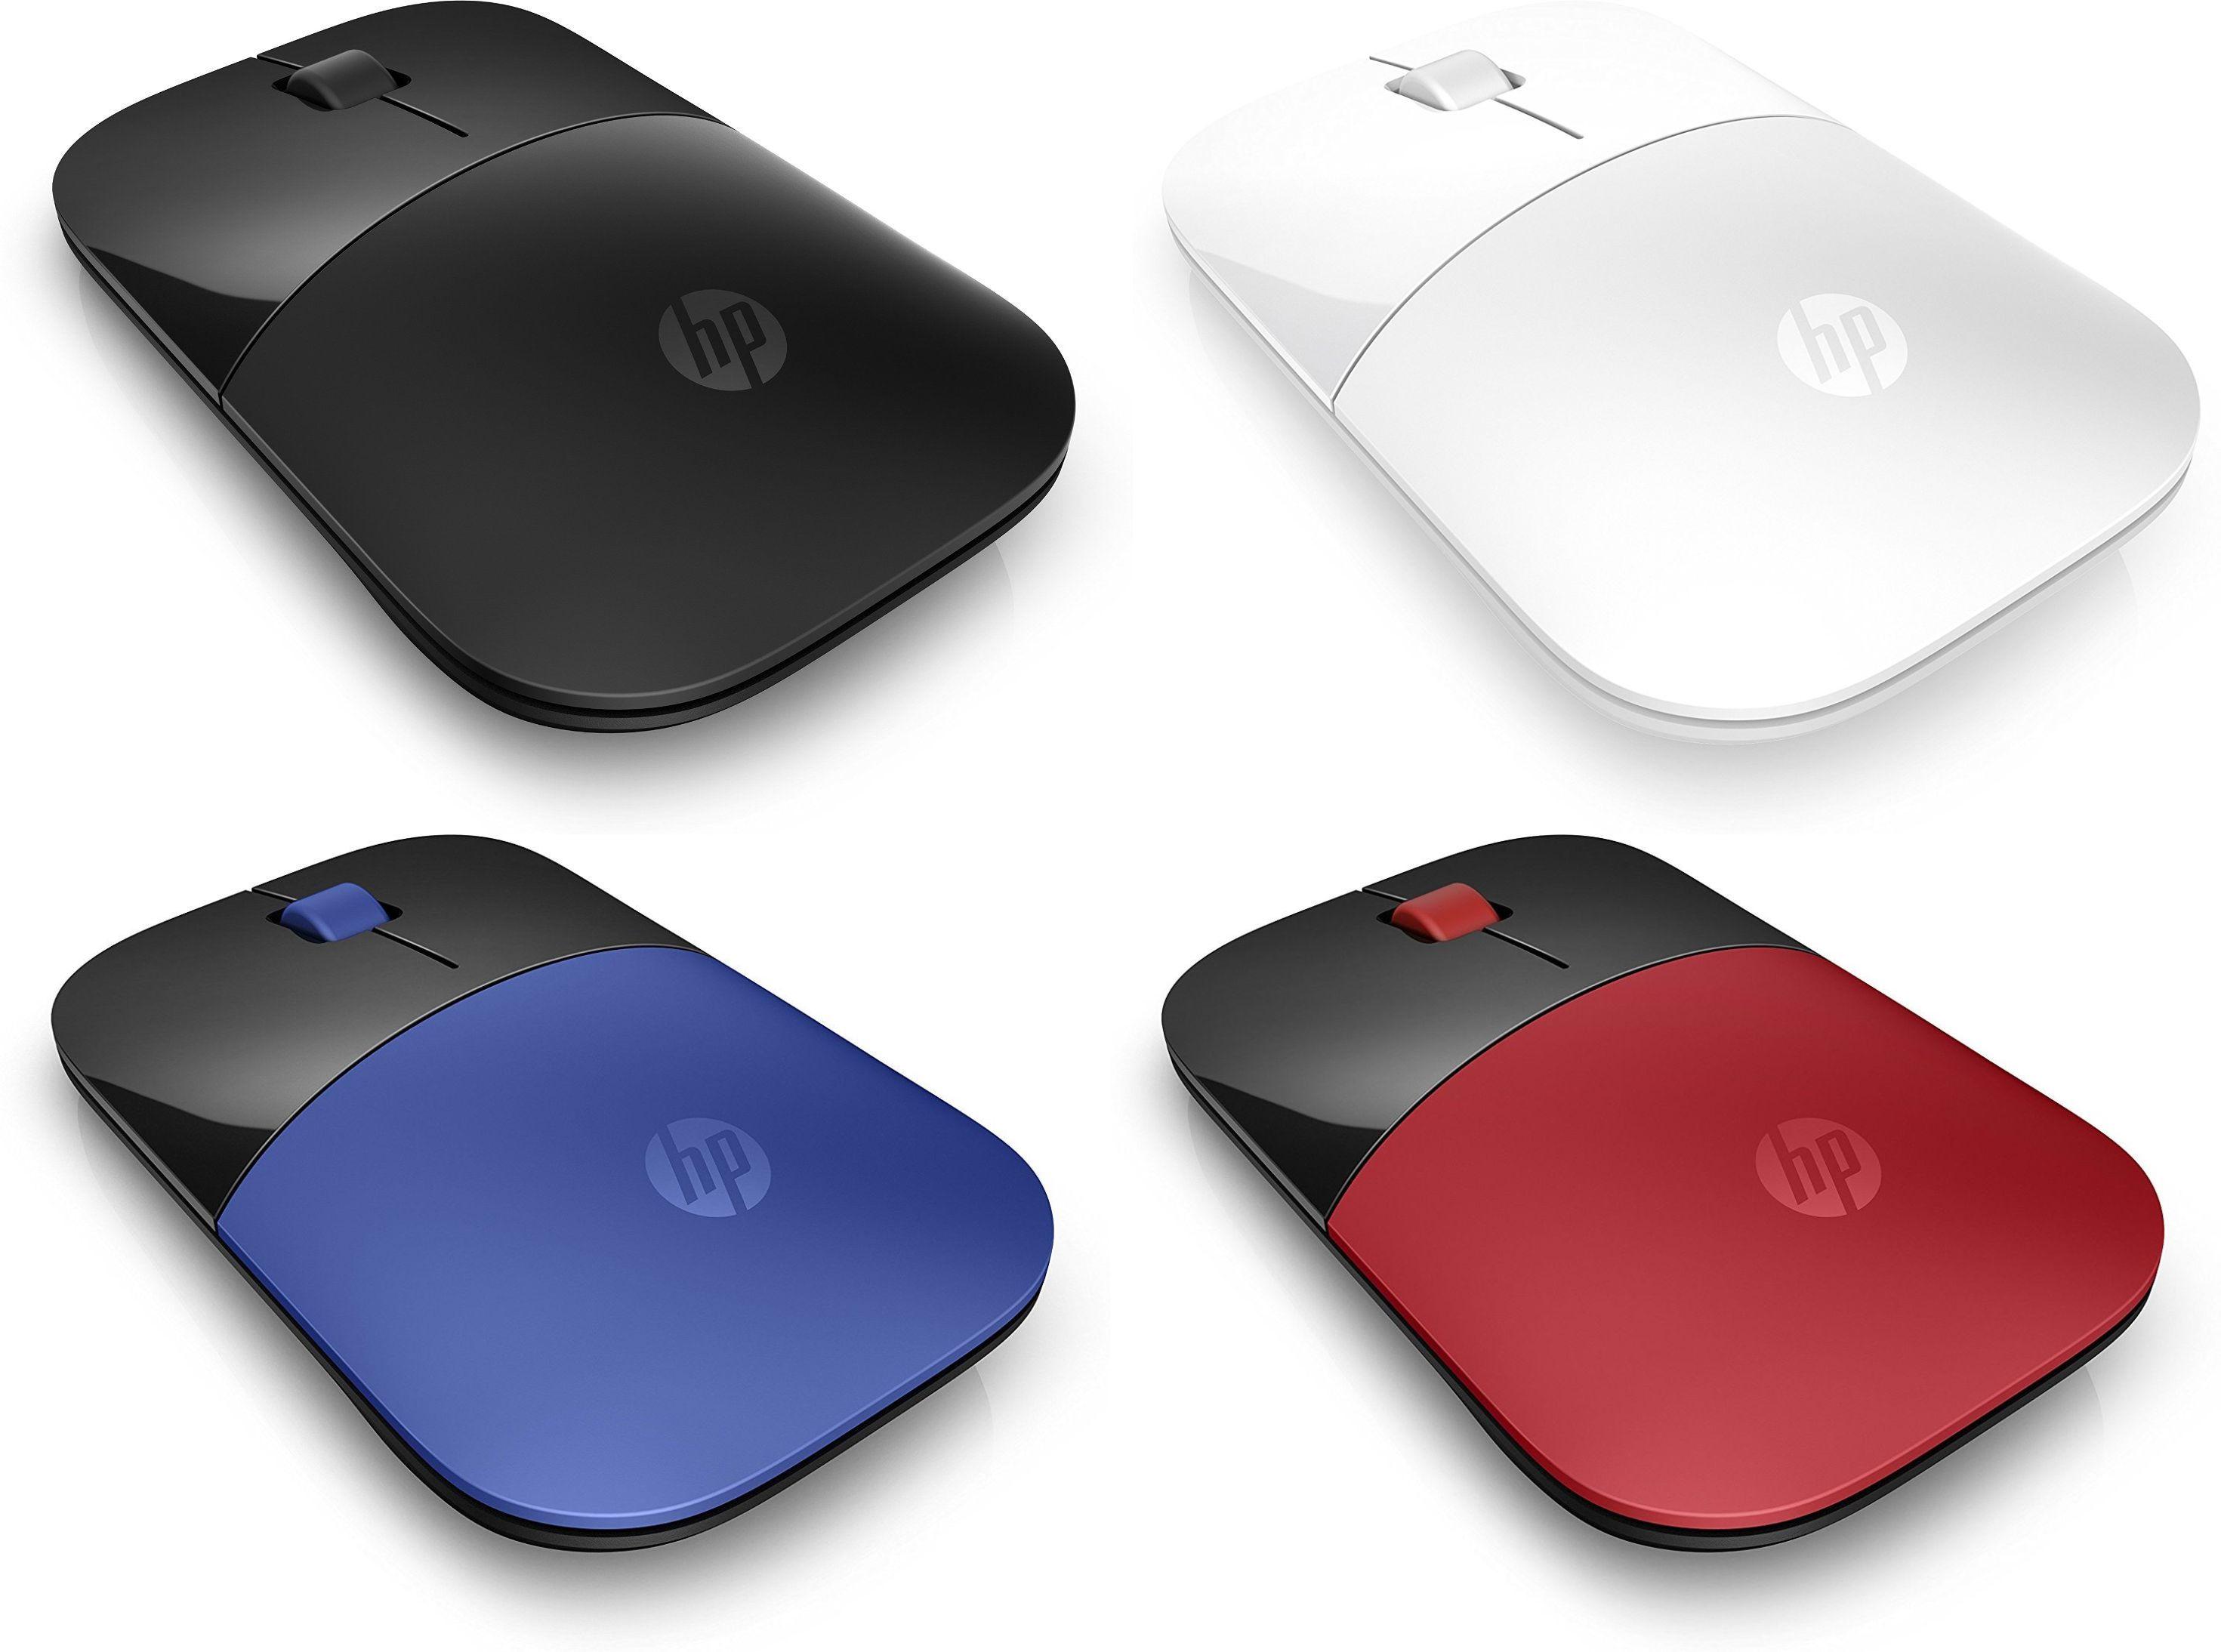 """HP™ - Wireless Mouse """"Z3700"""" (3 Tasten,LED,1200dpi,4 Farbvarianten) ab €13,95 [@HP.de]"""